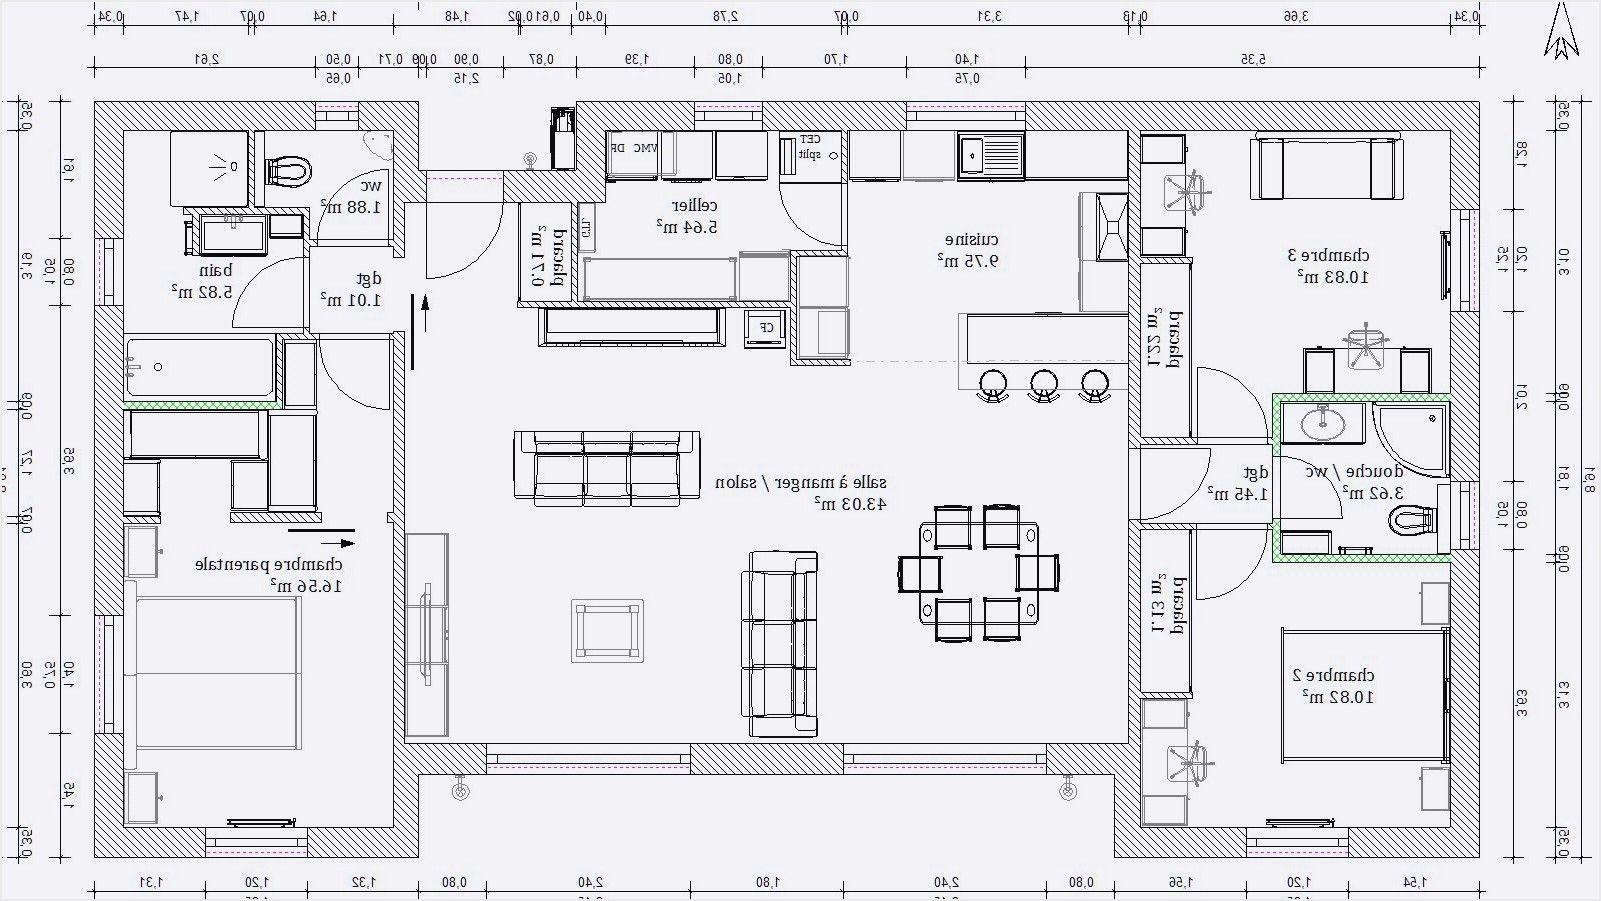 Meilleur Logiciel De Plan De Maison